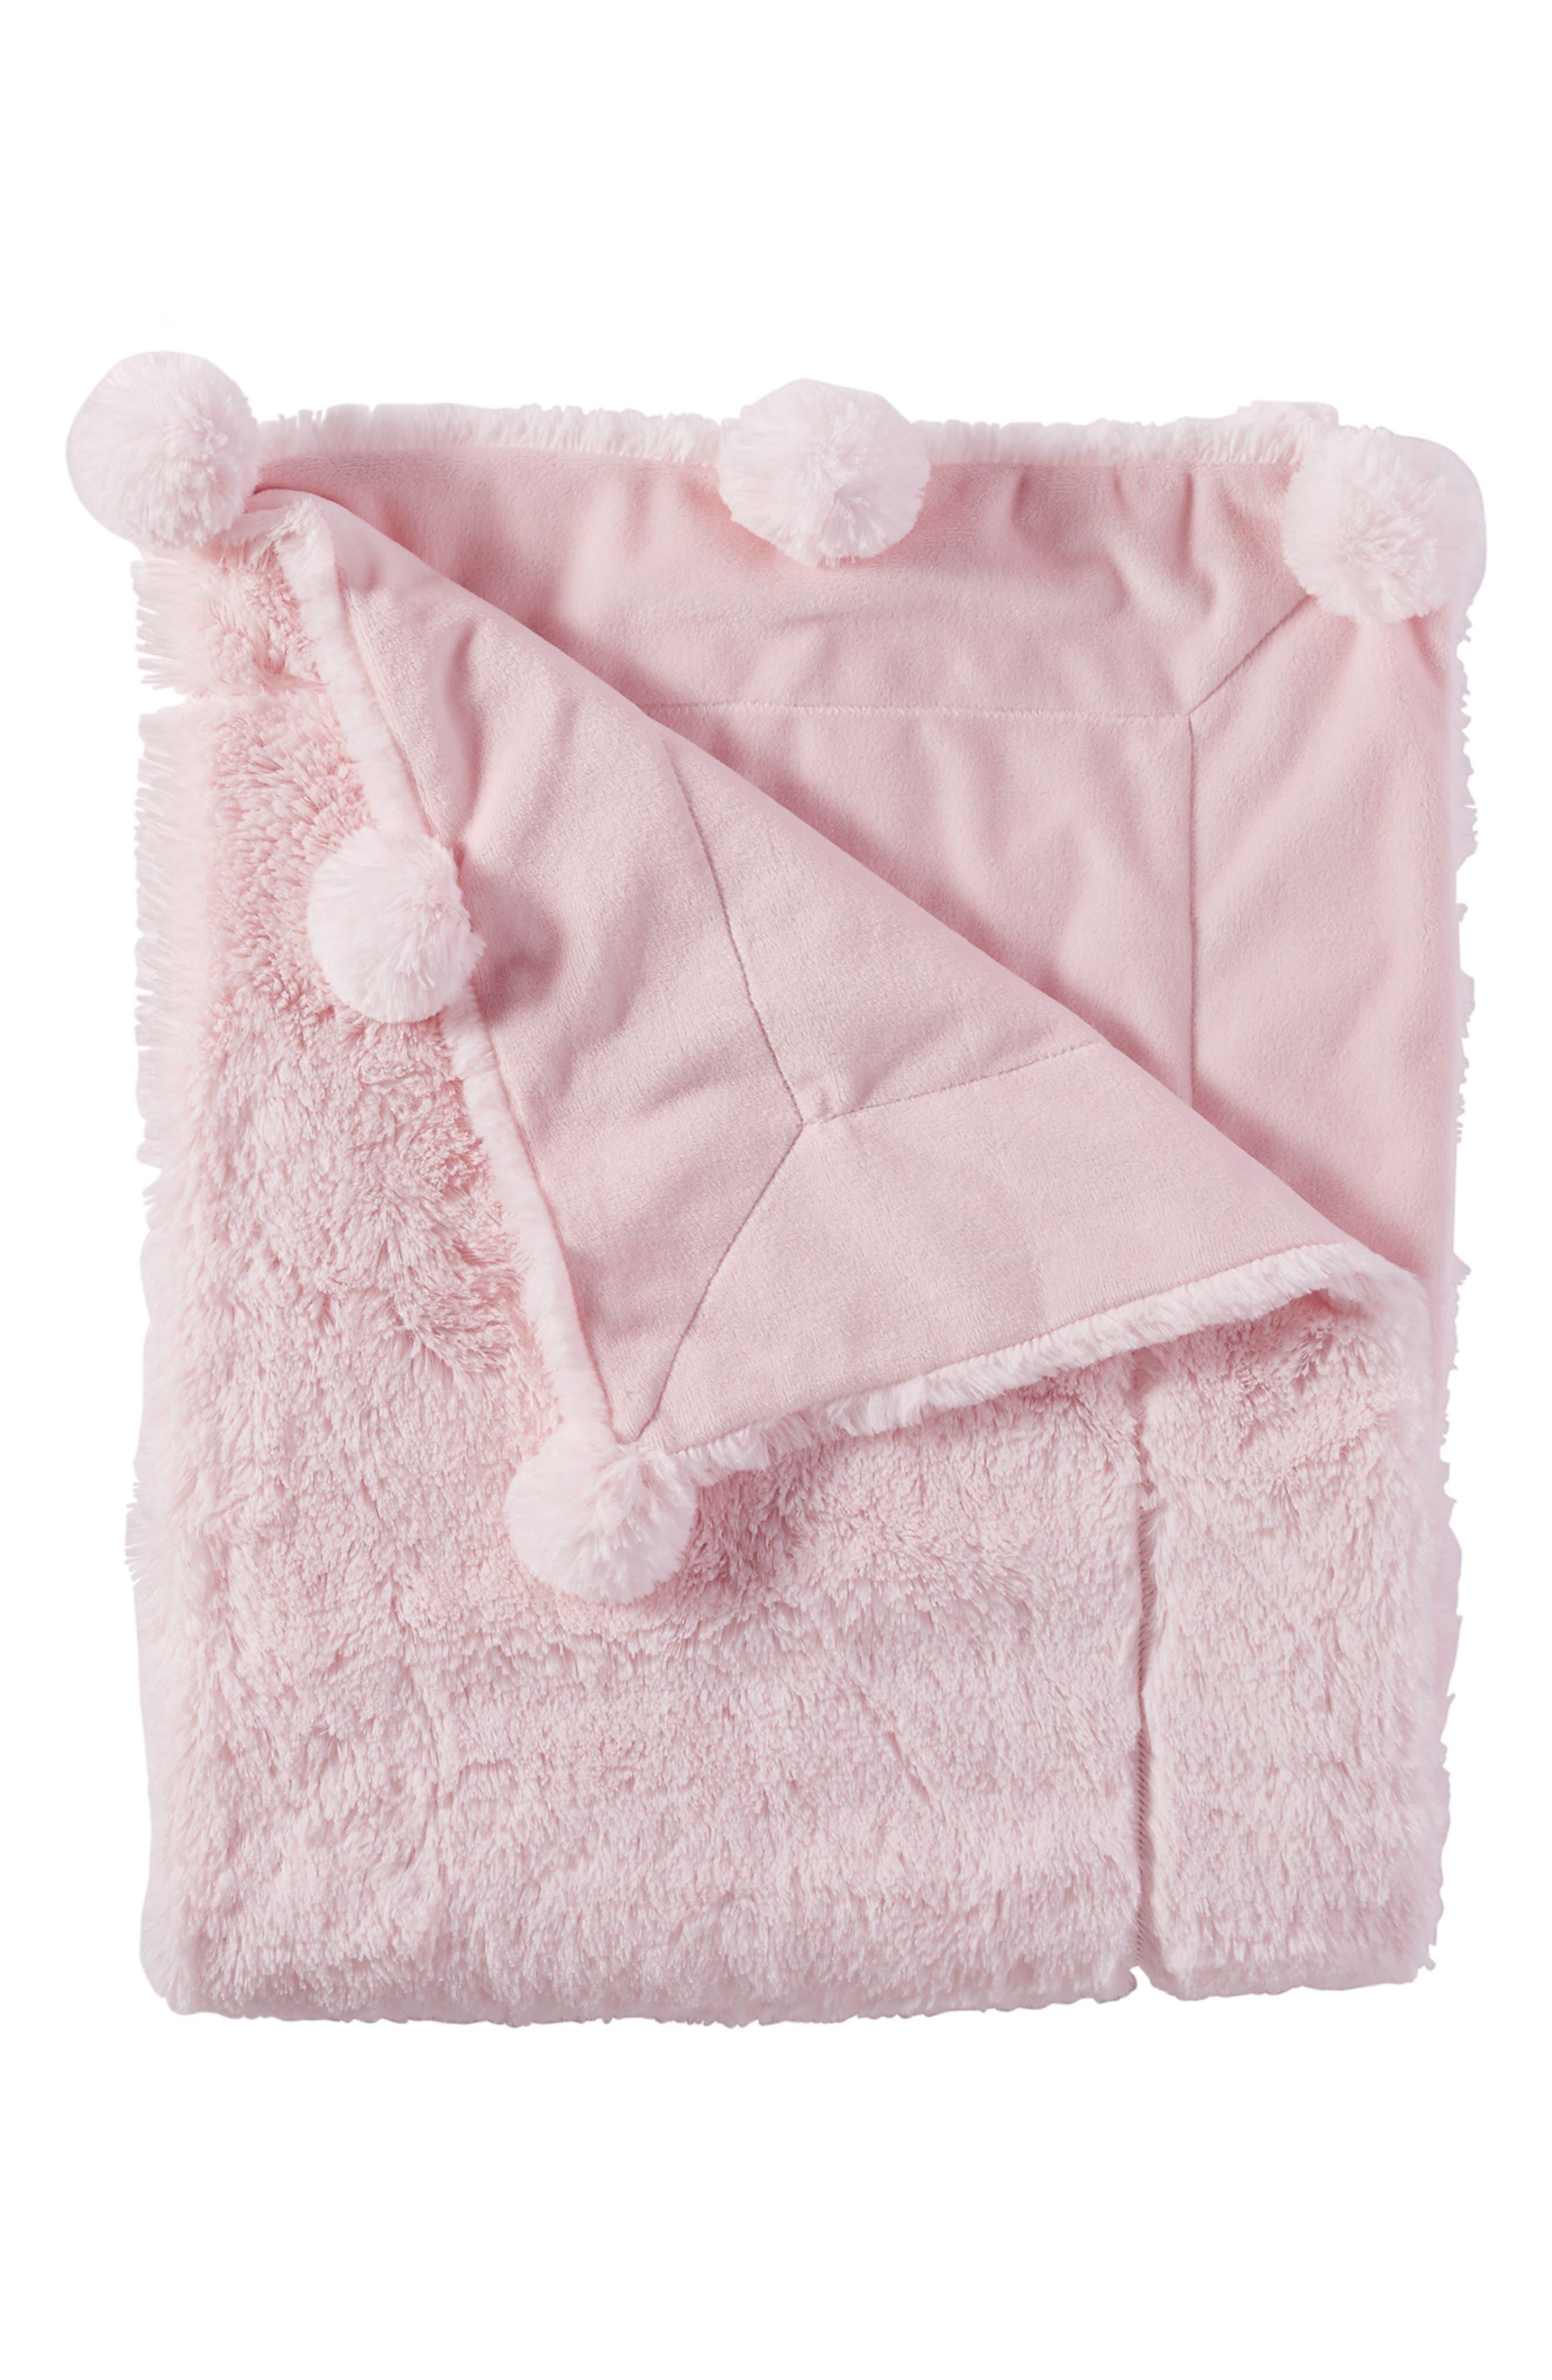 Pompom Receiving Blanket,                         Main,                         color, PINK